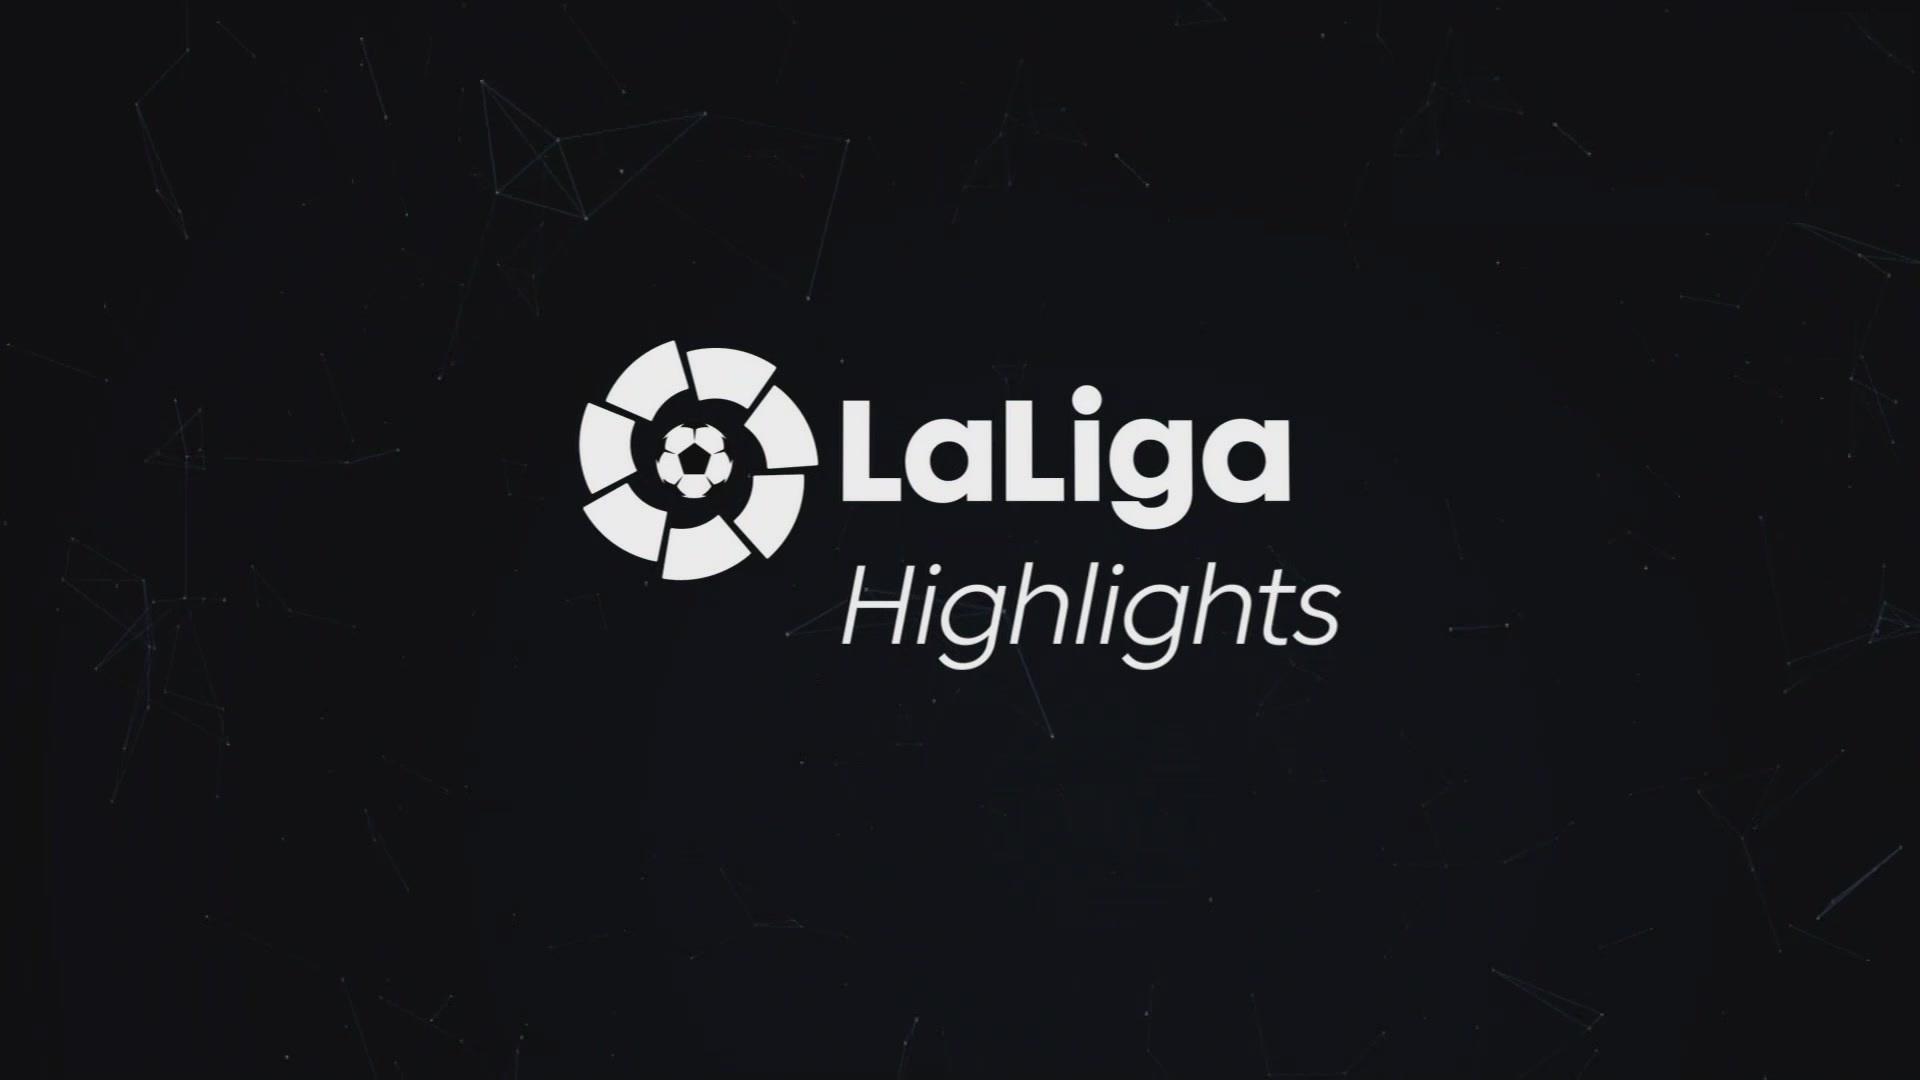 Чемпионат Испании 2020/21. Обзор матчей 9 тура